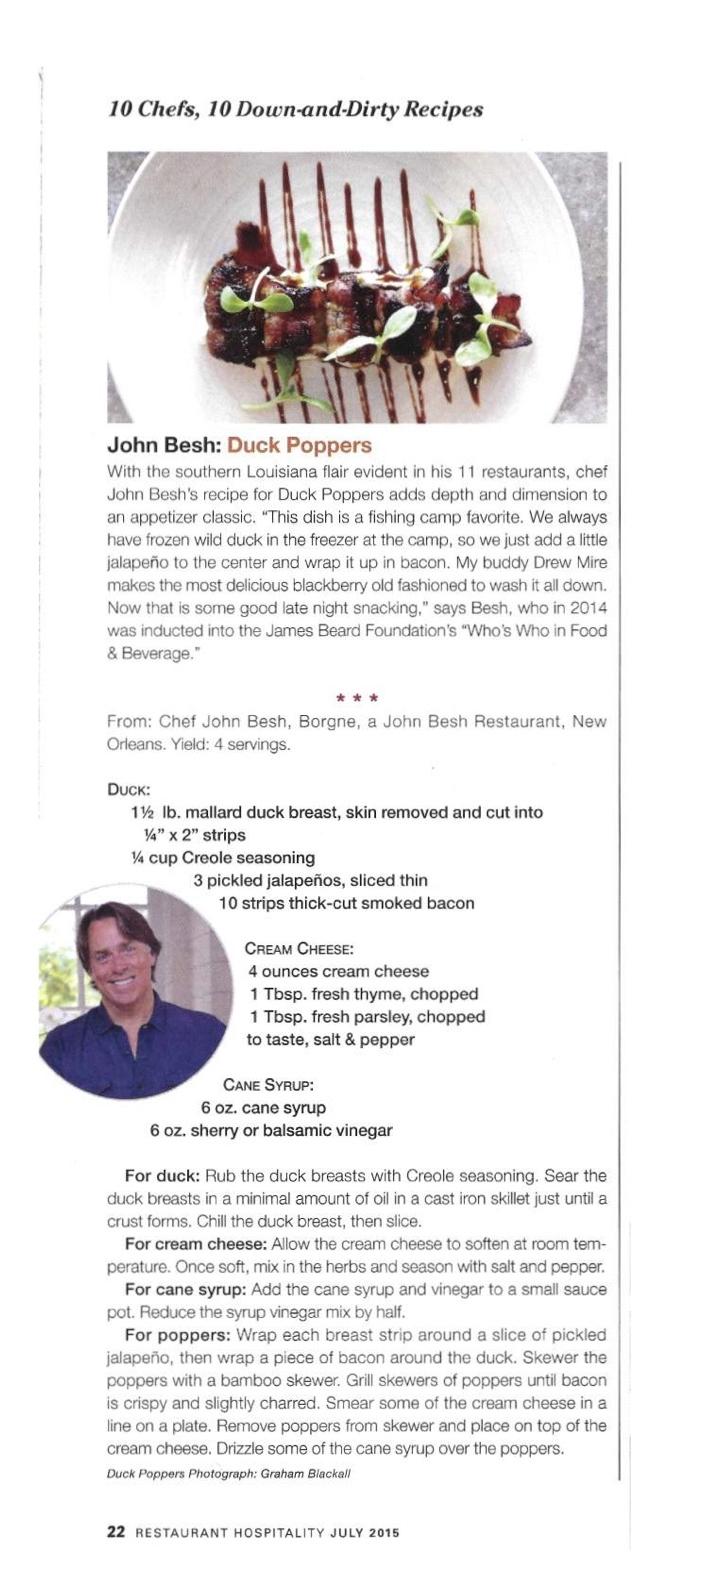 Restaurant Hospitality_John Besh_July 2015.jpg